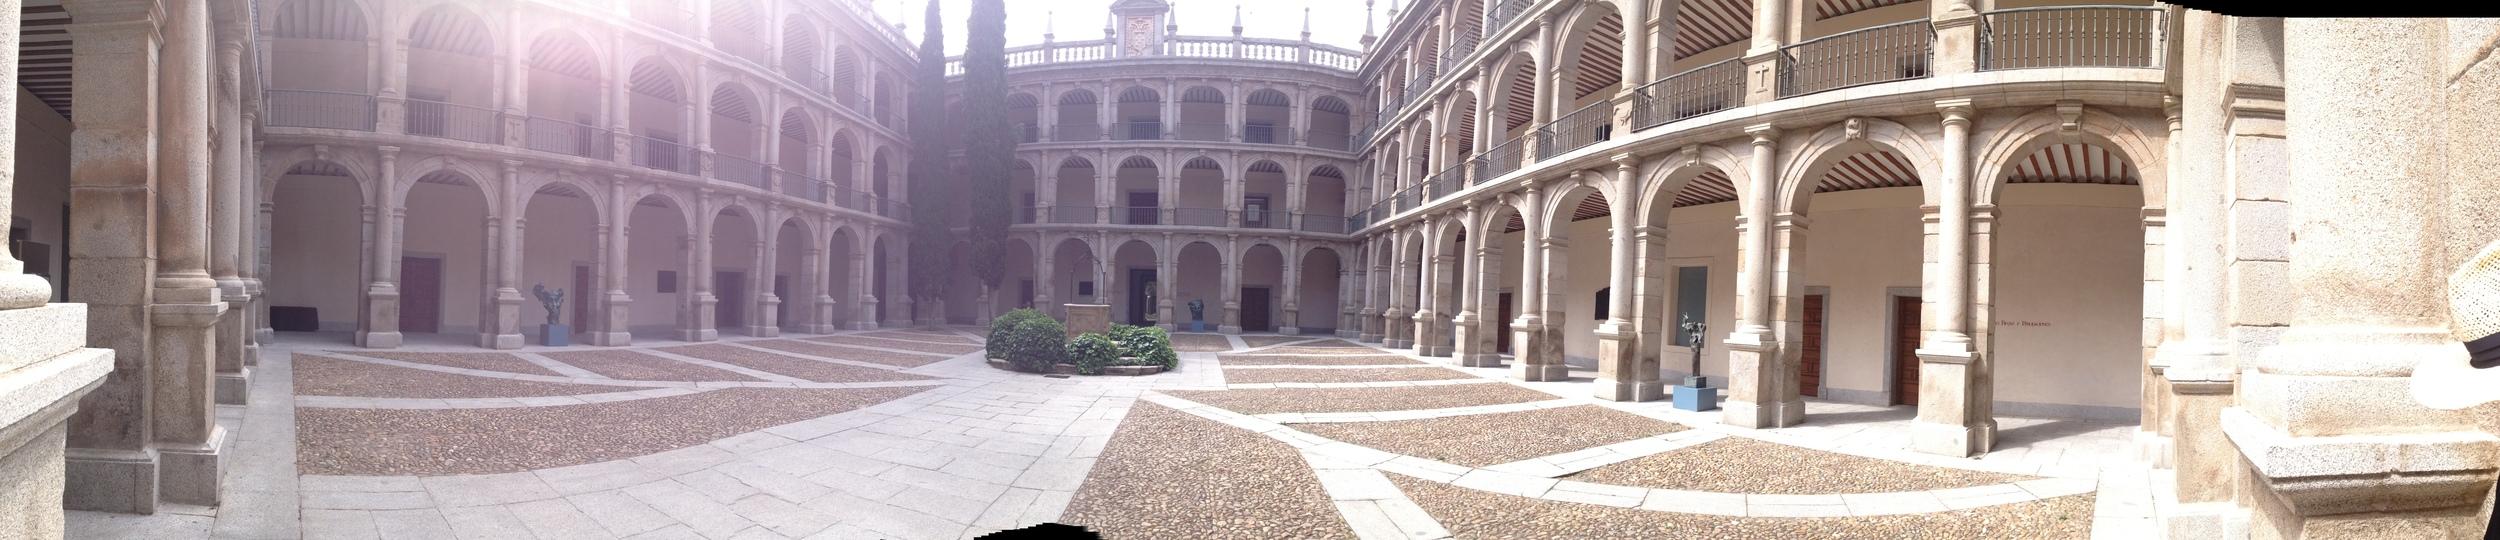 Inside the Universidad de Alcalá in Alcalá de Henares, Spain.